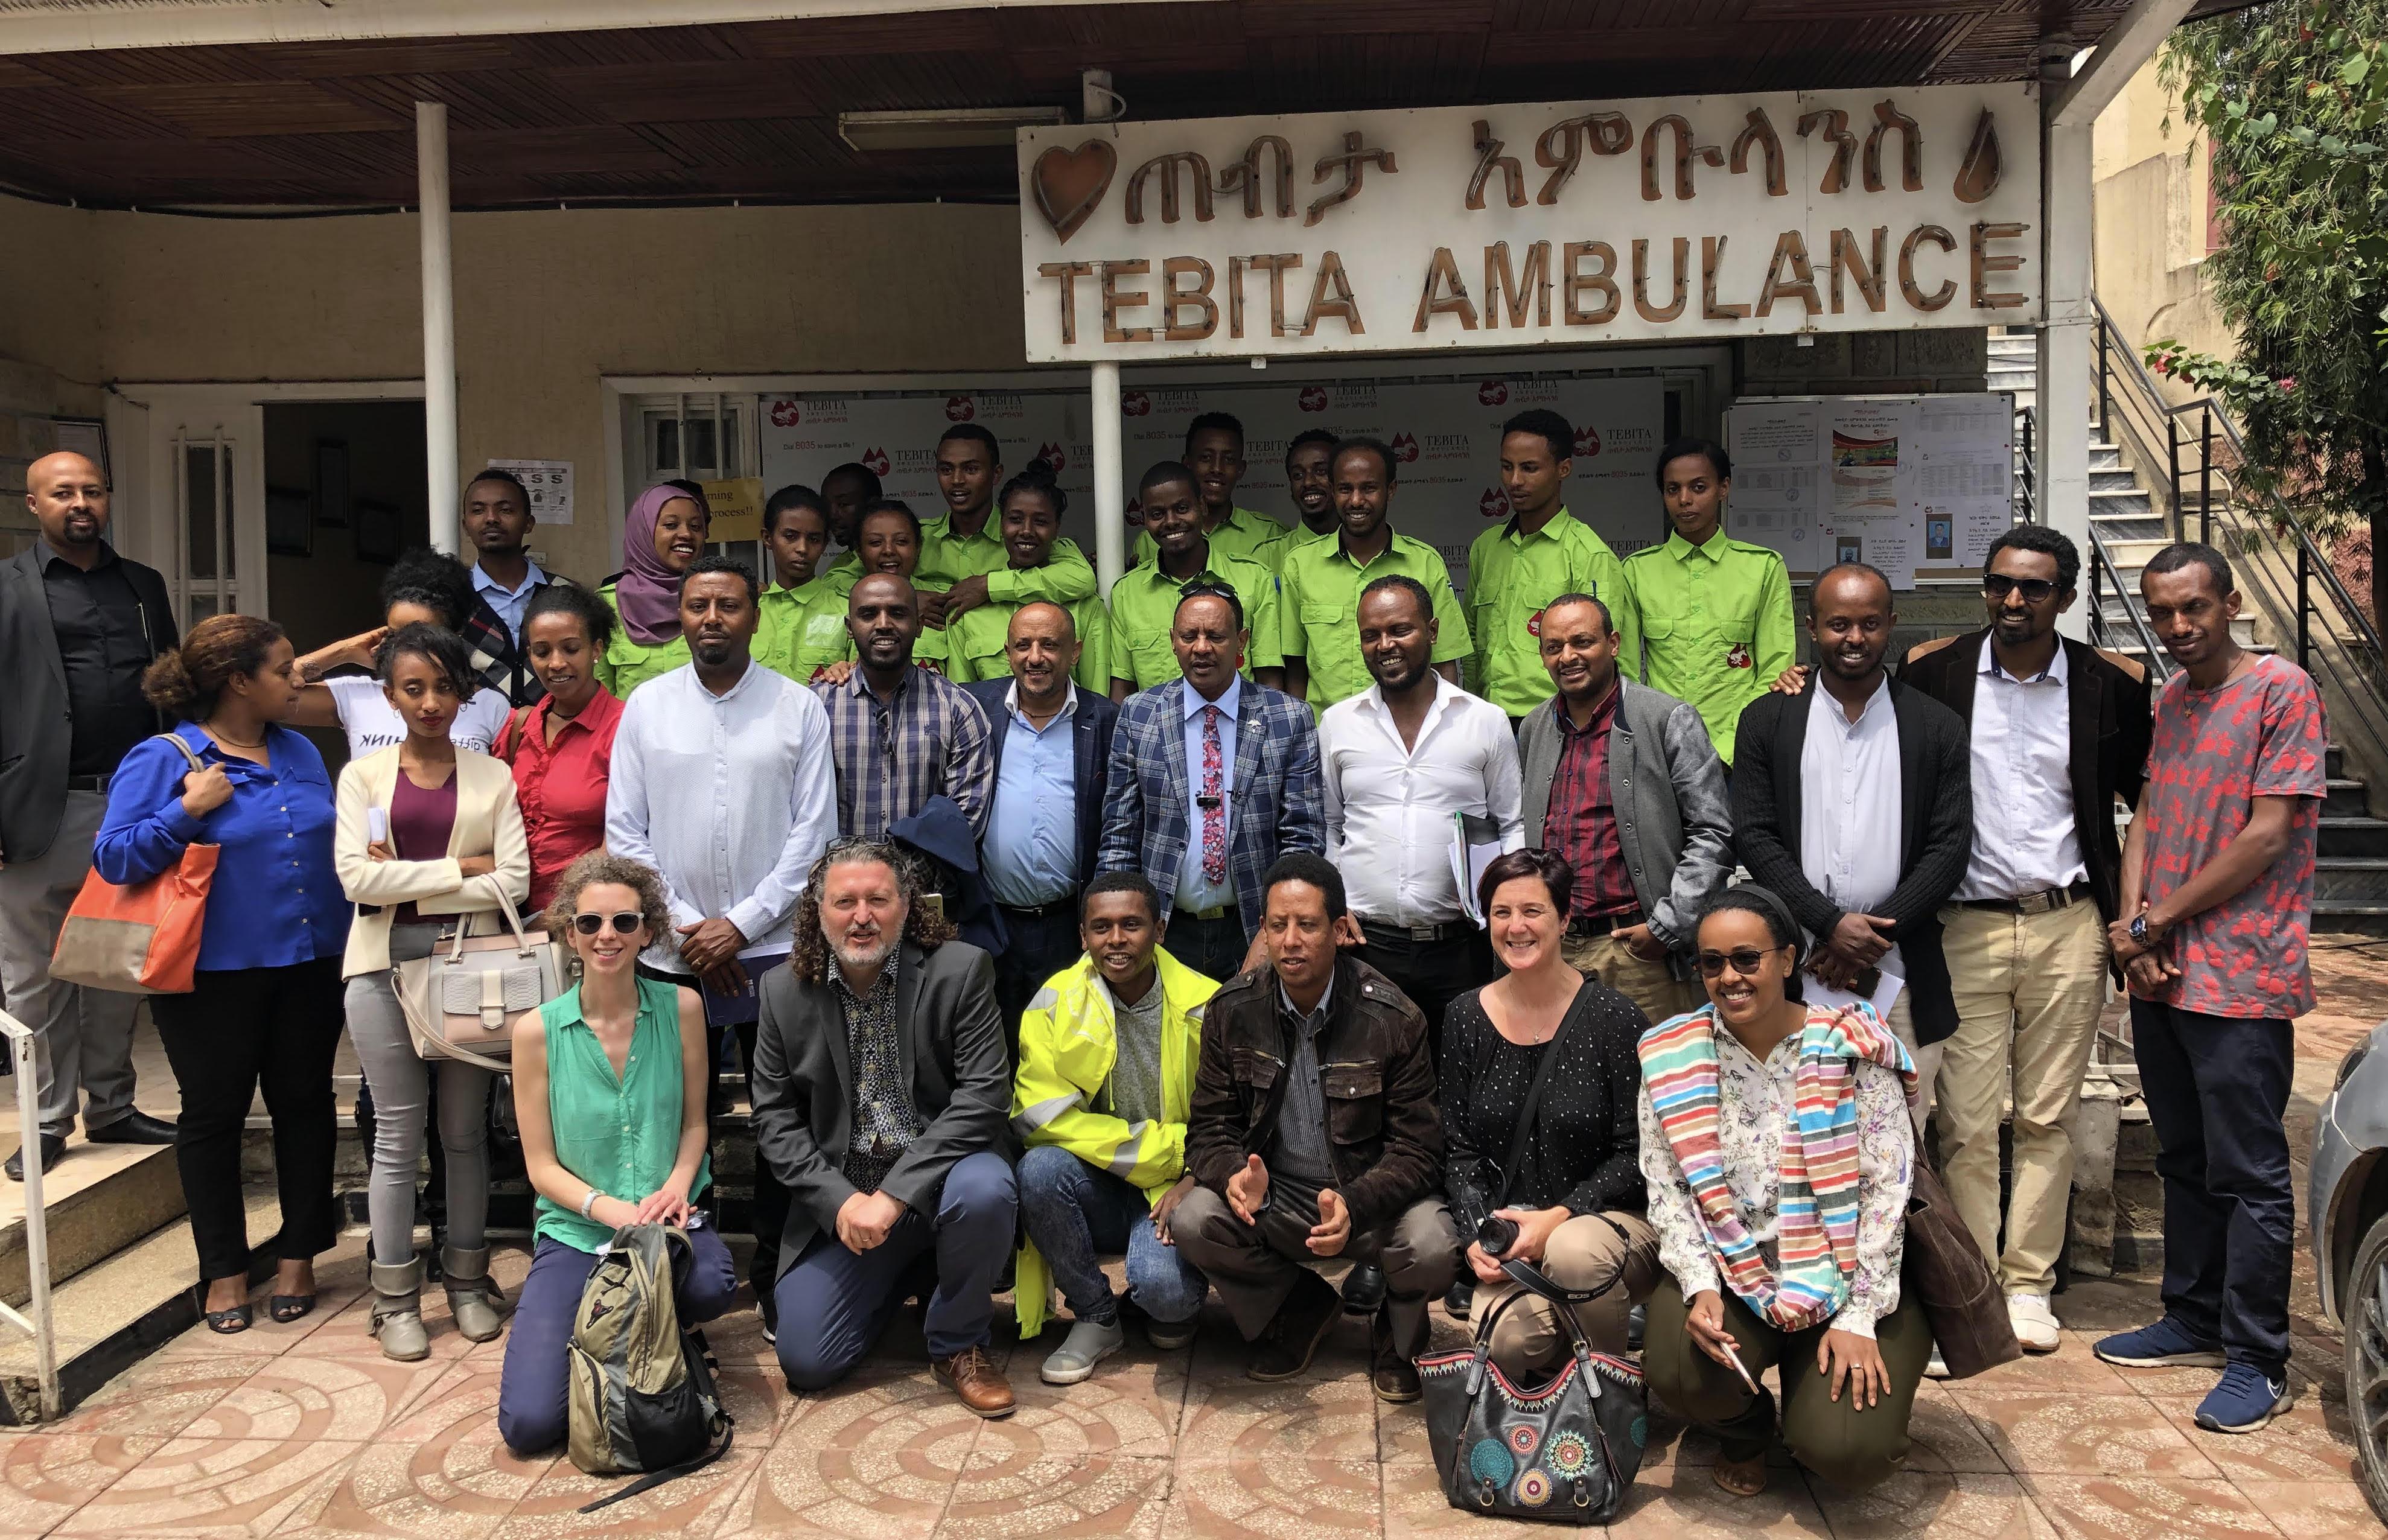 Journalists and Tebita Ambulance staff